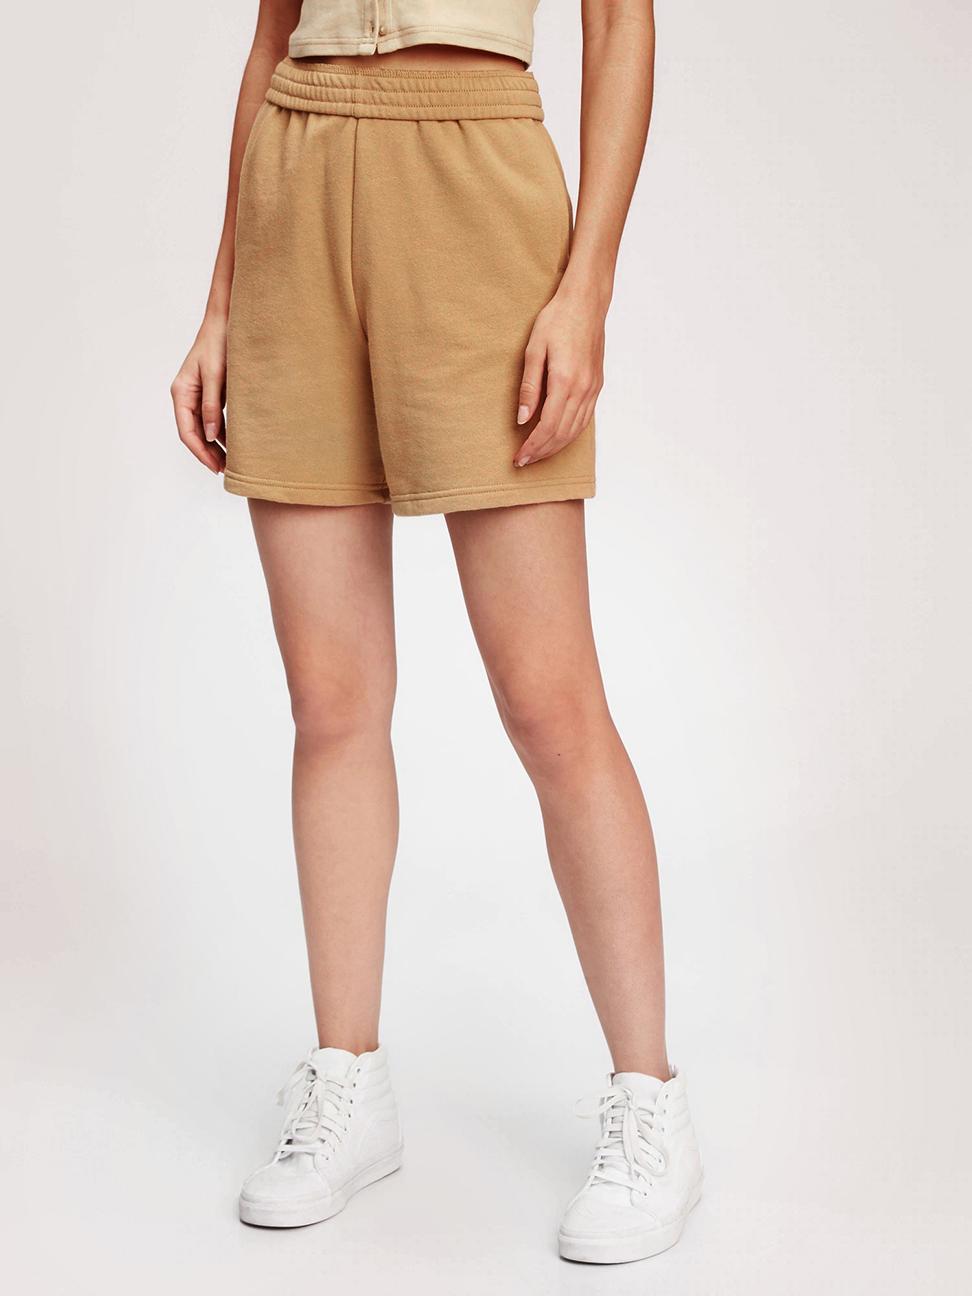 女裝 碳素軟磨系列法式圈織 男友風軟休閒褲